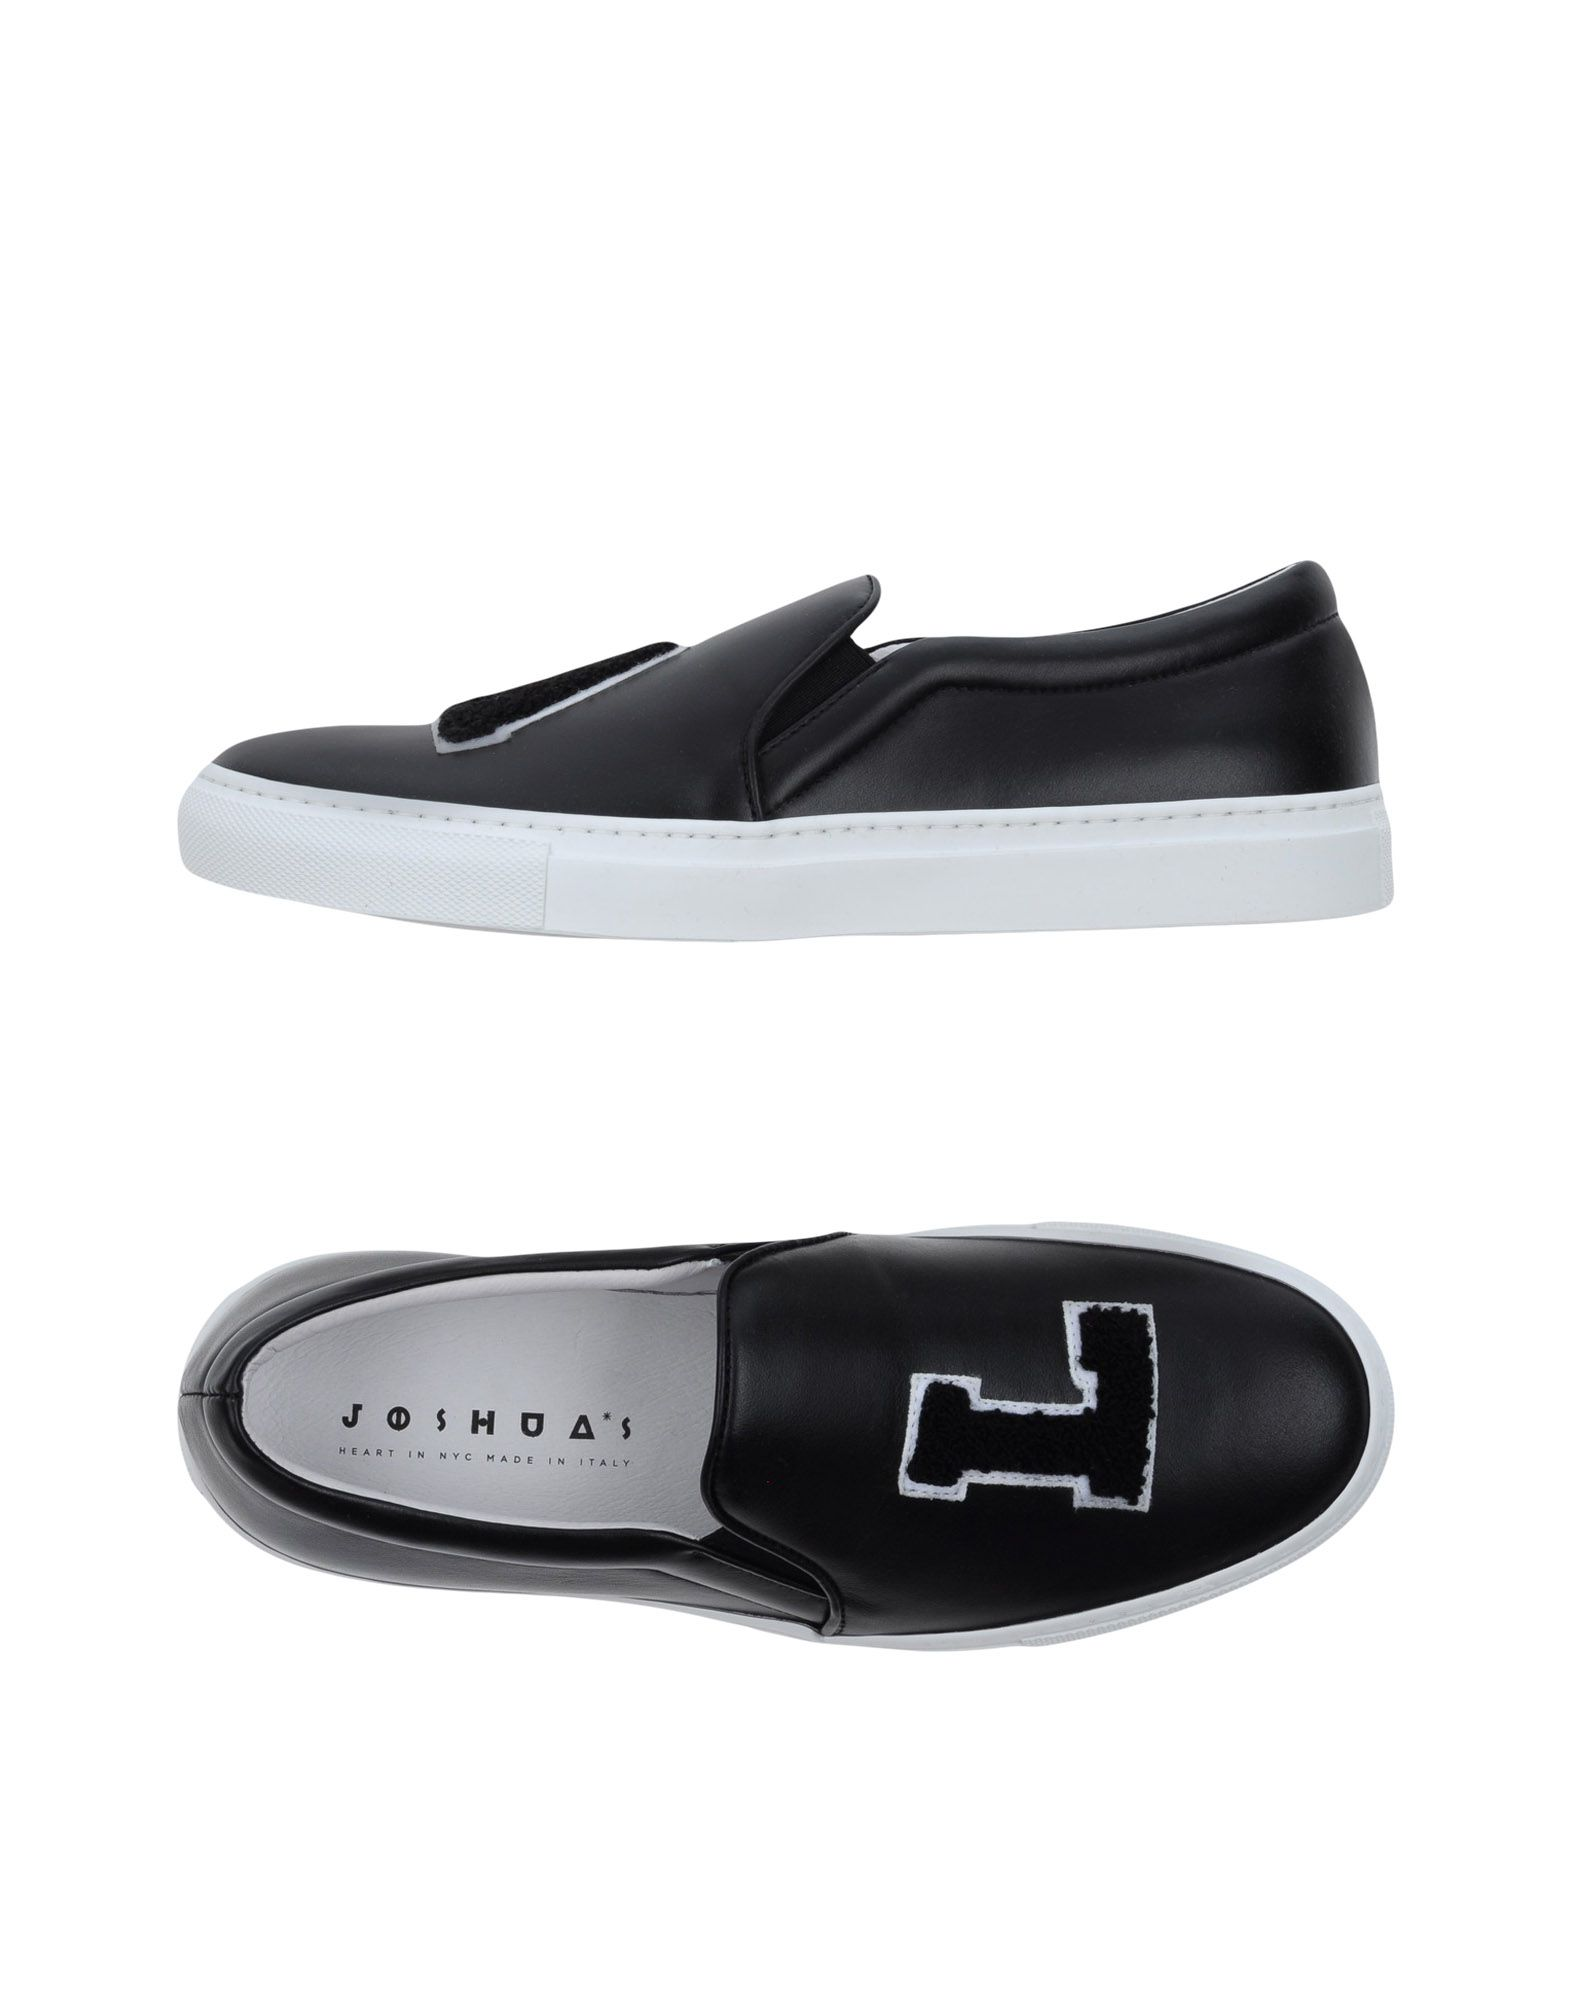 Haltbare Mode billige Schuhe Joshua*S Sneakers Herren  11342177XI Heiße Schuhe